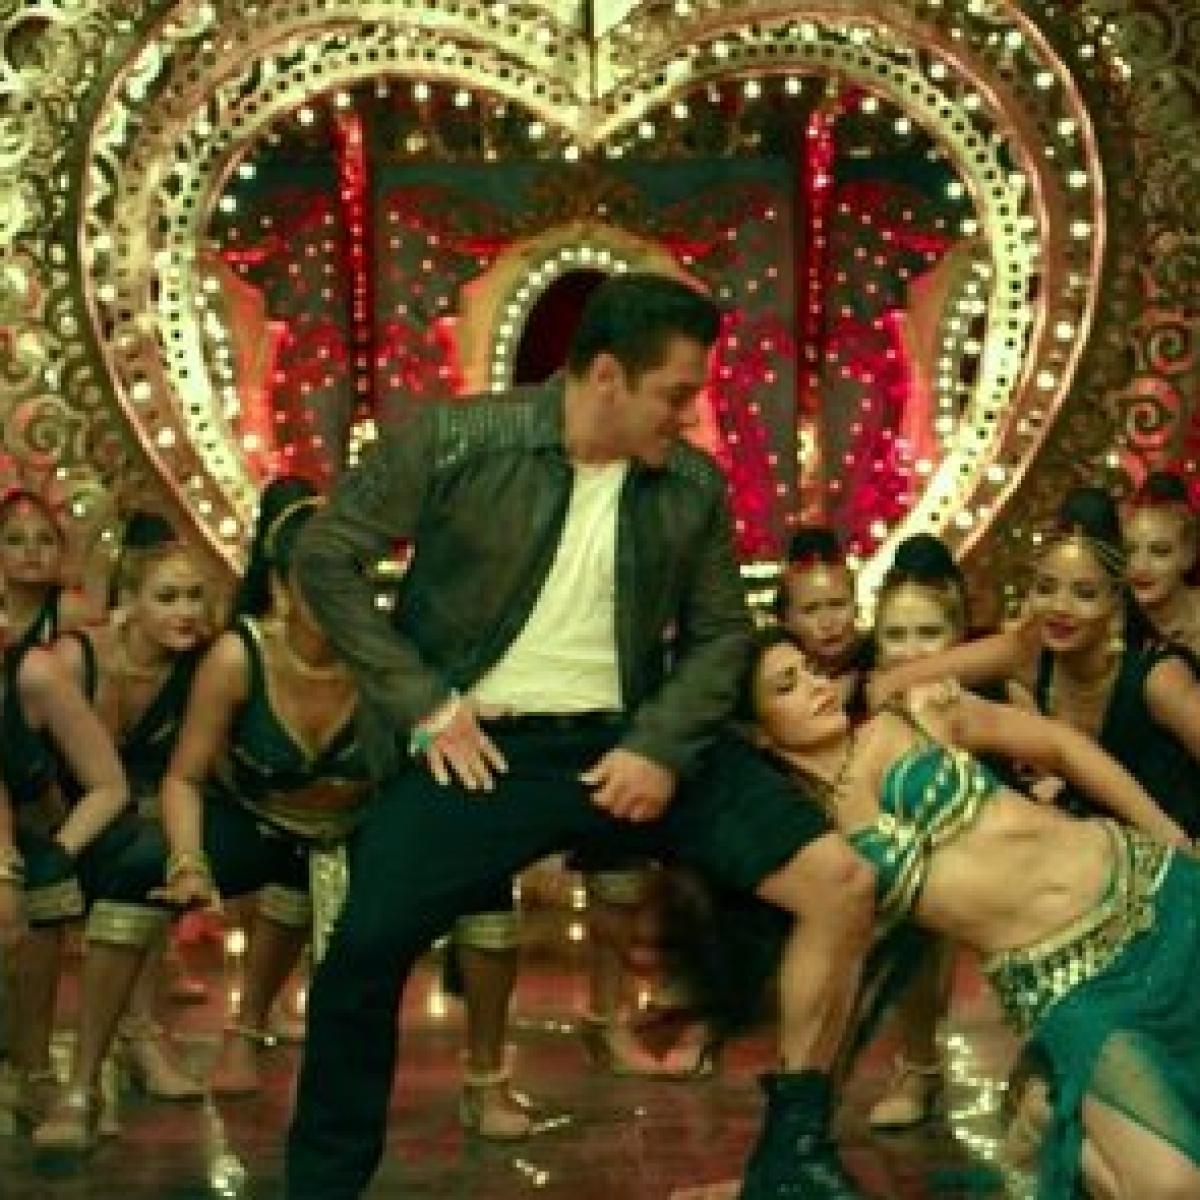 Watch: Salman Khan shares teaser of new 'Radhe' song 'Dil De Diya' ft. Jacqueline Fernandez